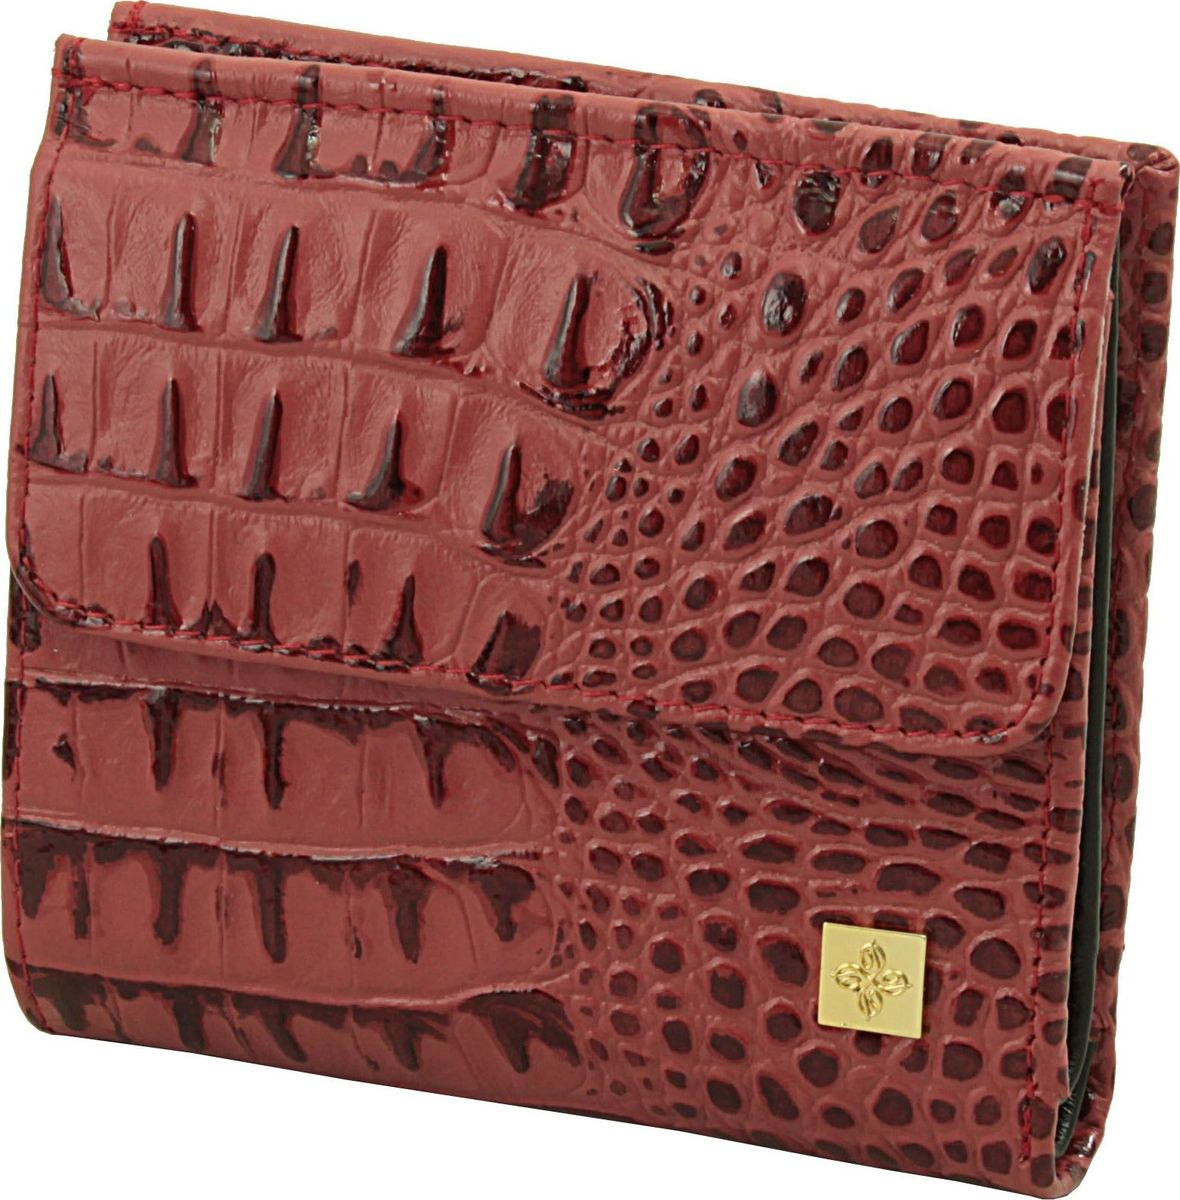 Кошелек женский Dimanche Loriсata Rouge, цвет: коричнево-красный. 544/81-022_516Кошелек Dimanche выполнен из натуральной кожи и оформлен тиснением под рептилию. На лицевой стороне расположен объемный карман для мелочи, который закрывается клапаном с кнопкой. Внутри расположено два открытых кармана для купюр, карман для купюр на молнии, два кармана для кредиток, карман для sim-карты, карман с пластиковым окошком для документов и два вертикальных кармана. Изделие закрывается на кнопку.